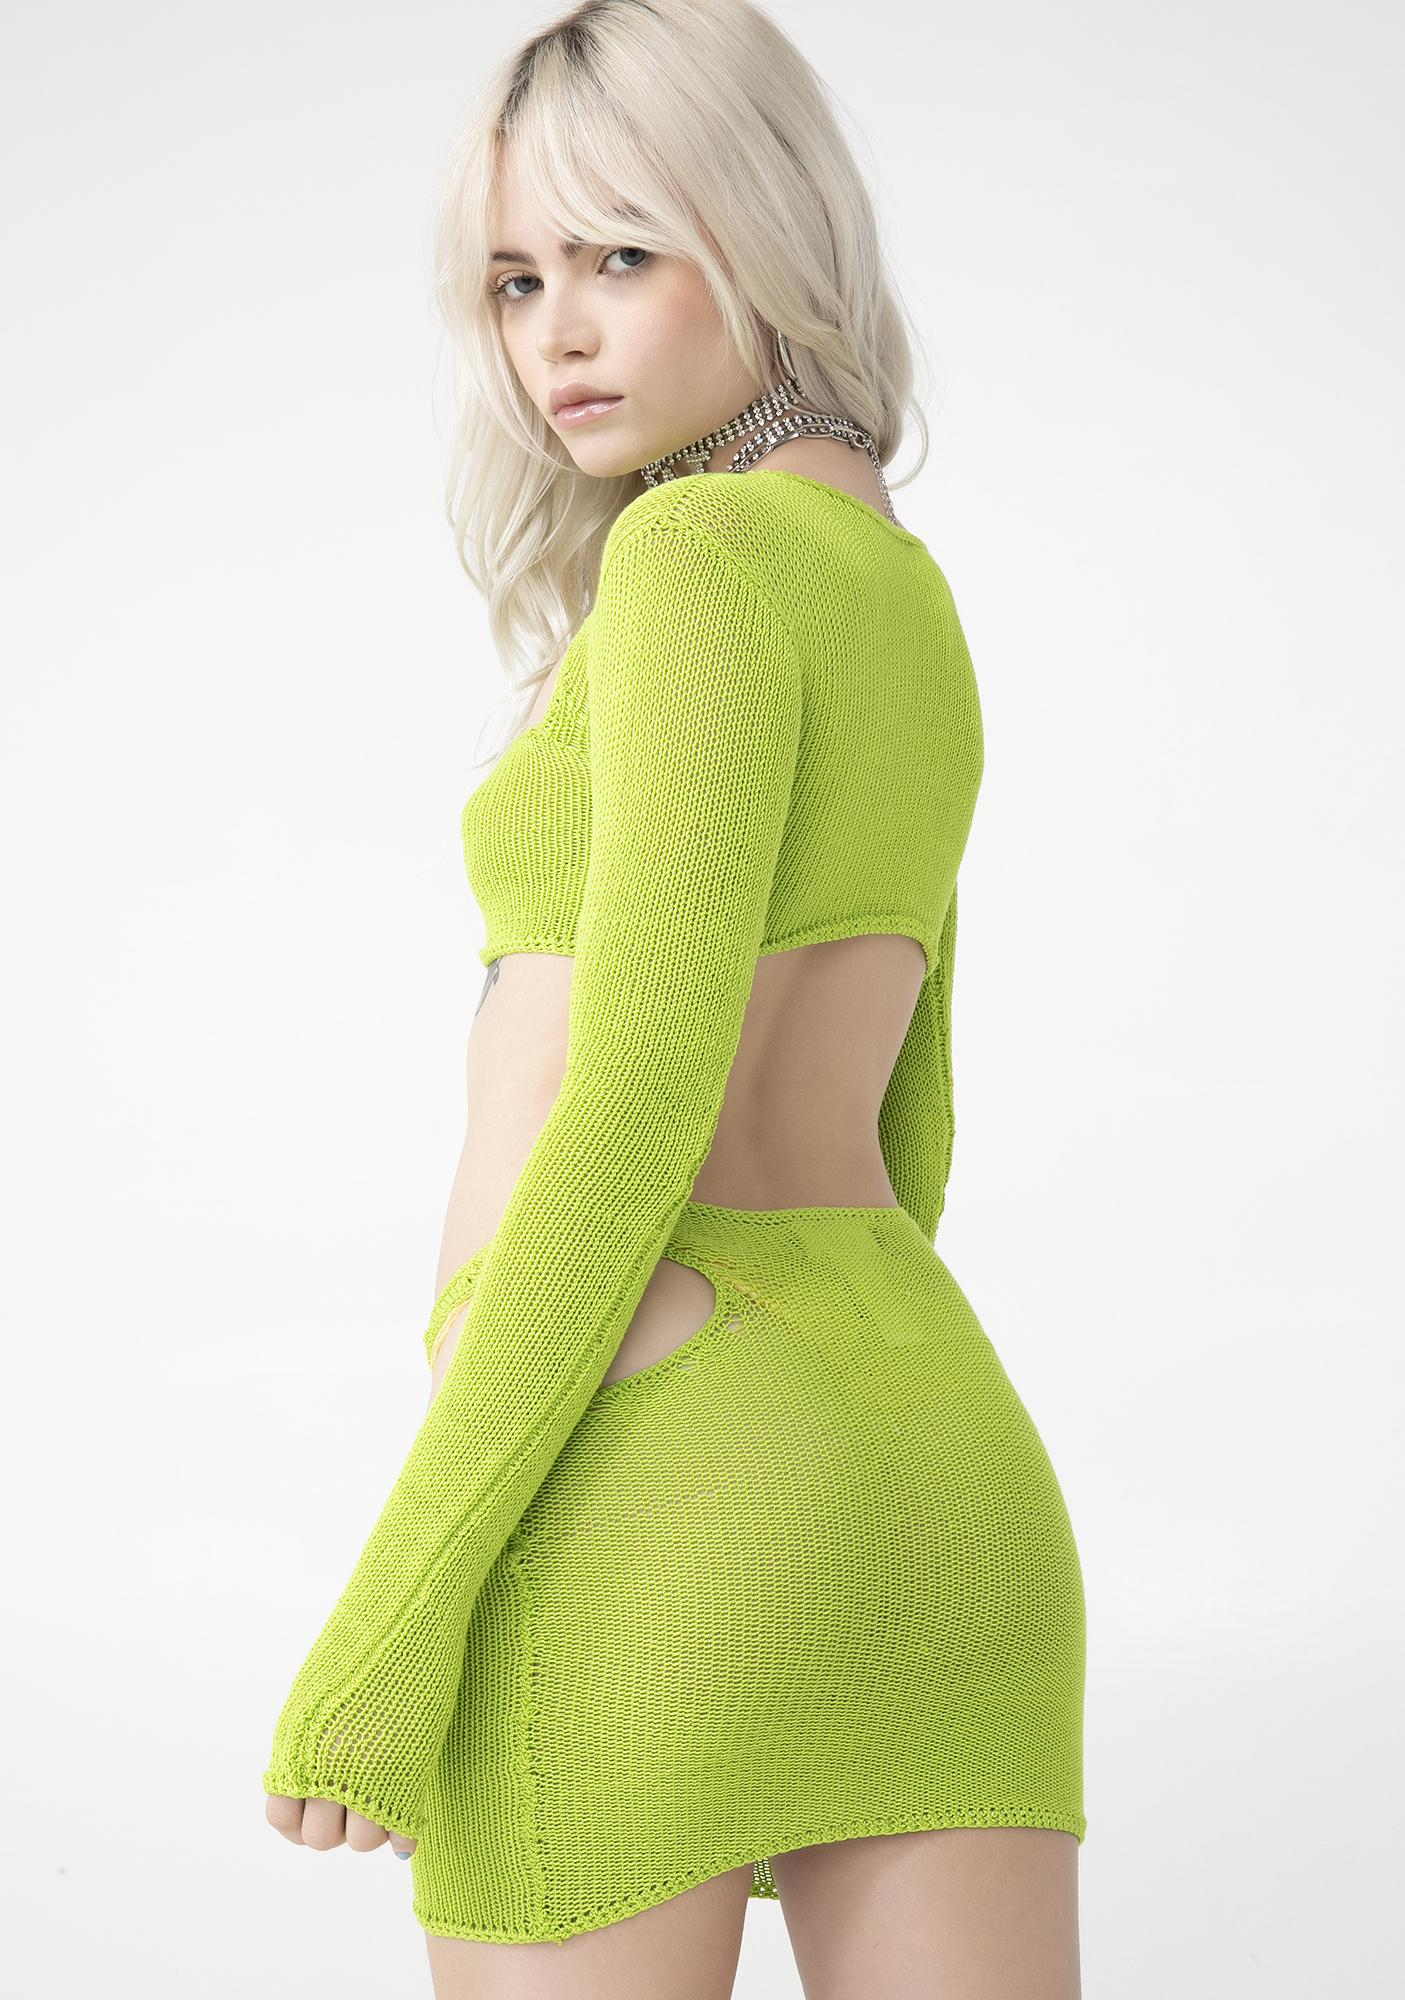 JBD Apparel Knit Zenith Skirt Set